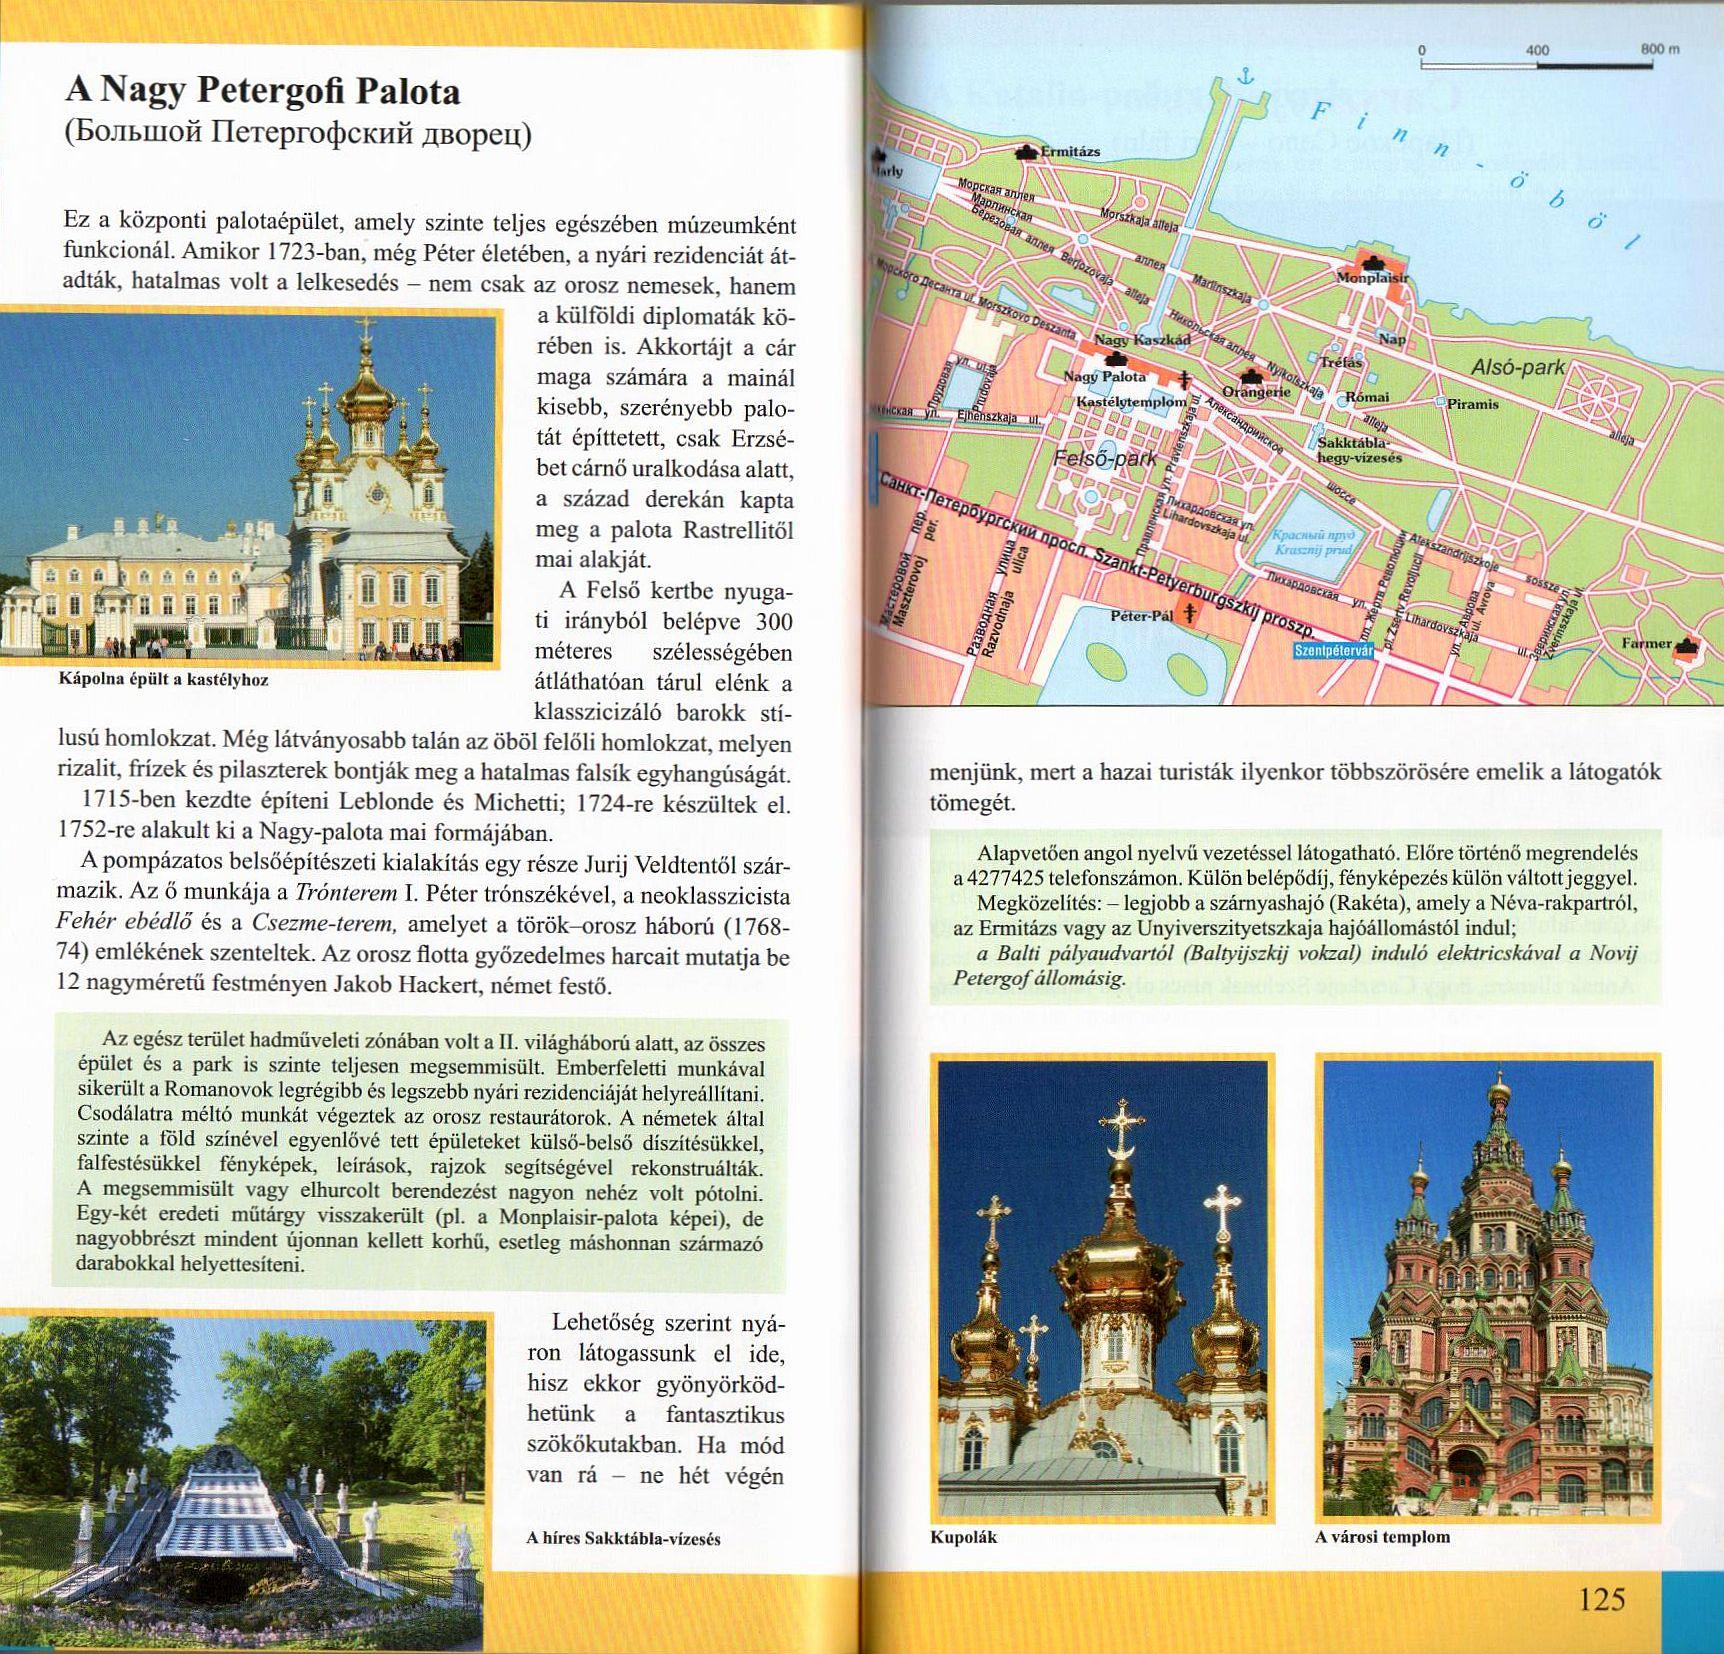 Szentpétervár mintaoldal